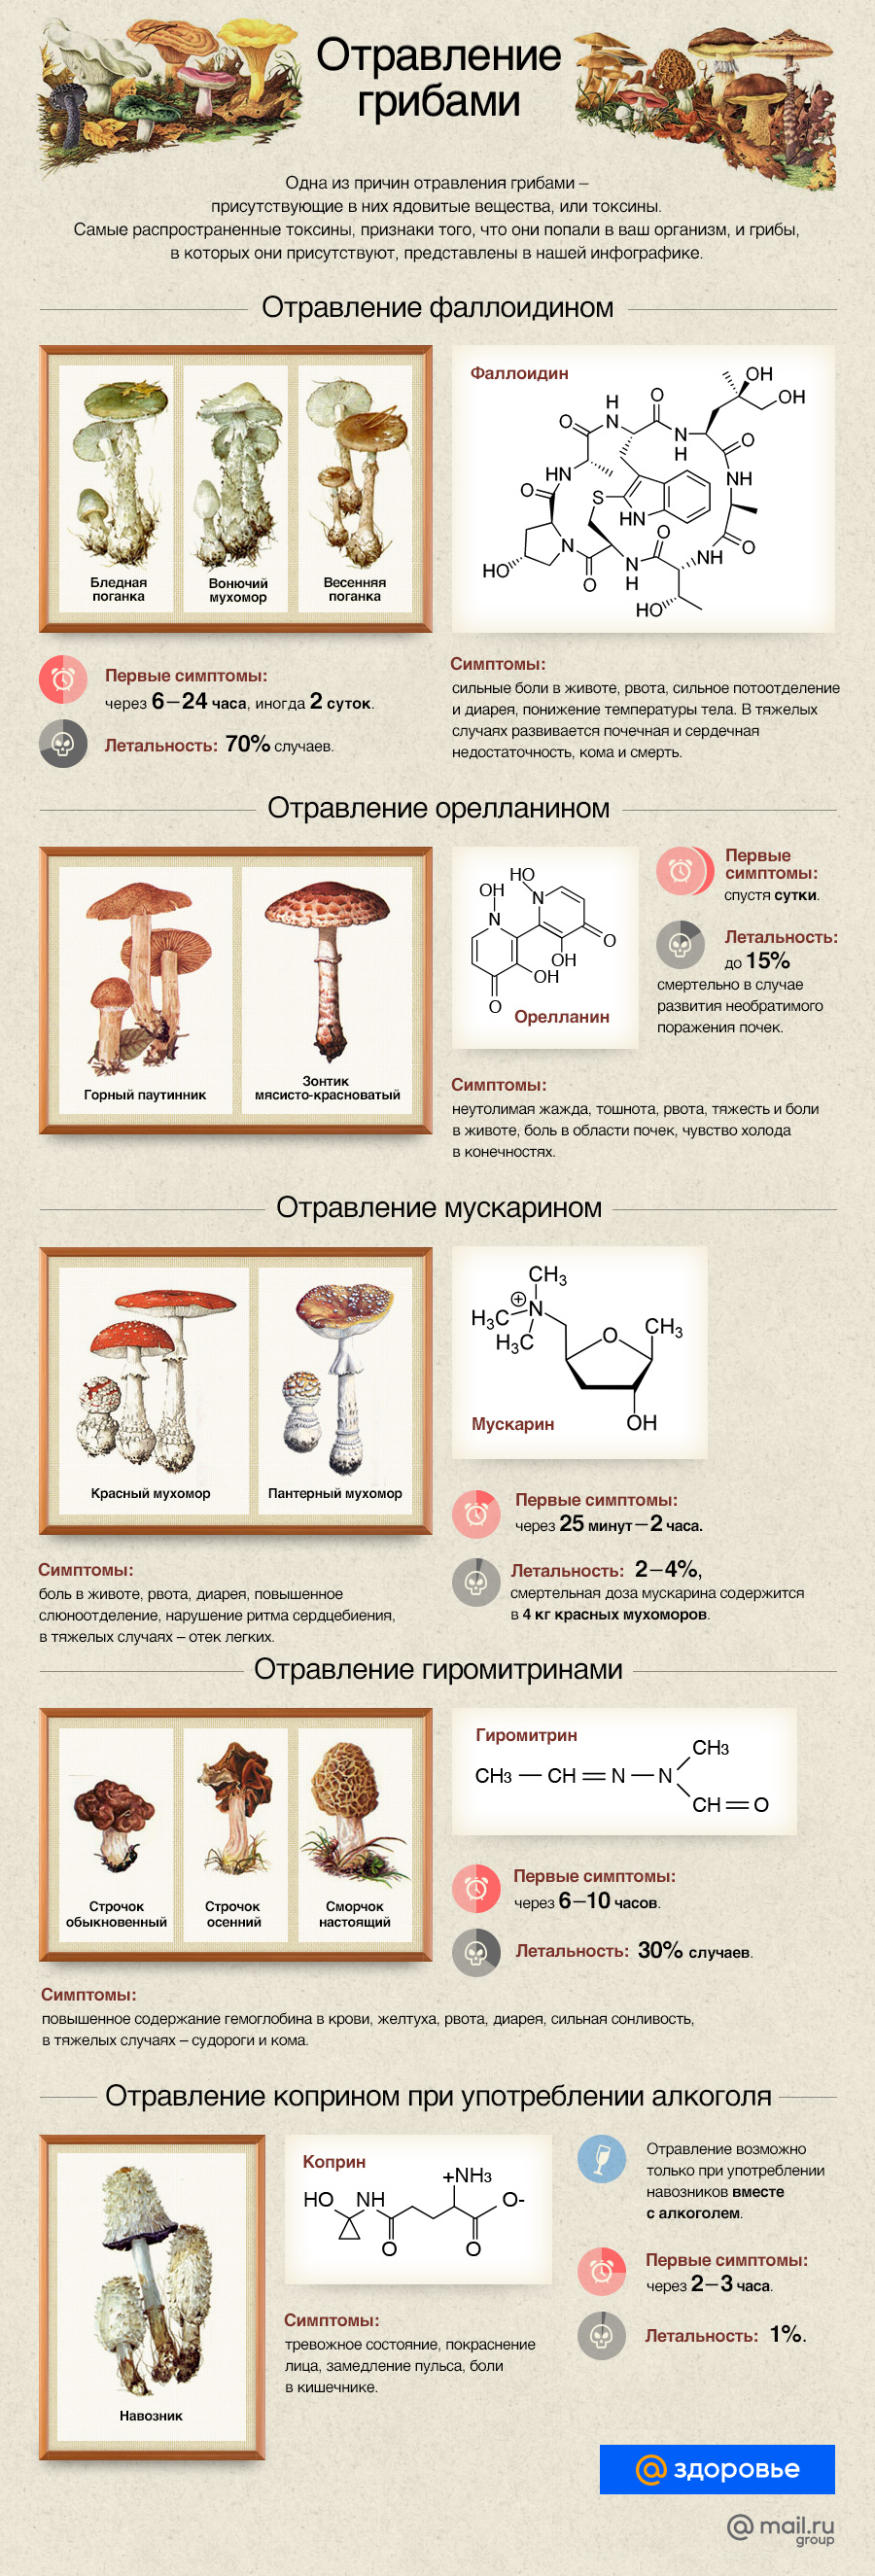 MDA Продажа Королев Соли Закладка Первоуральск